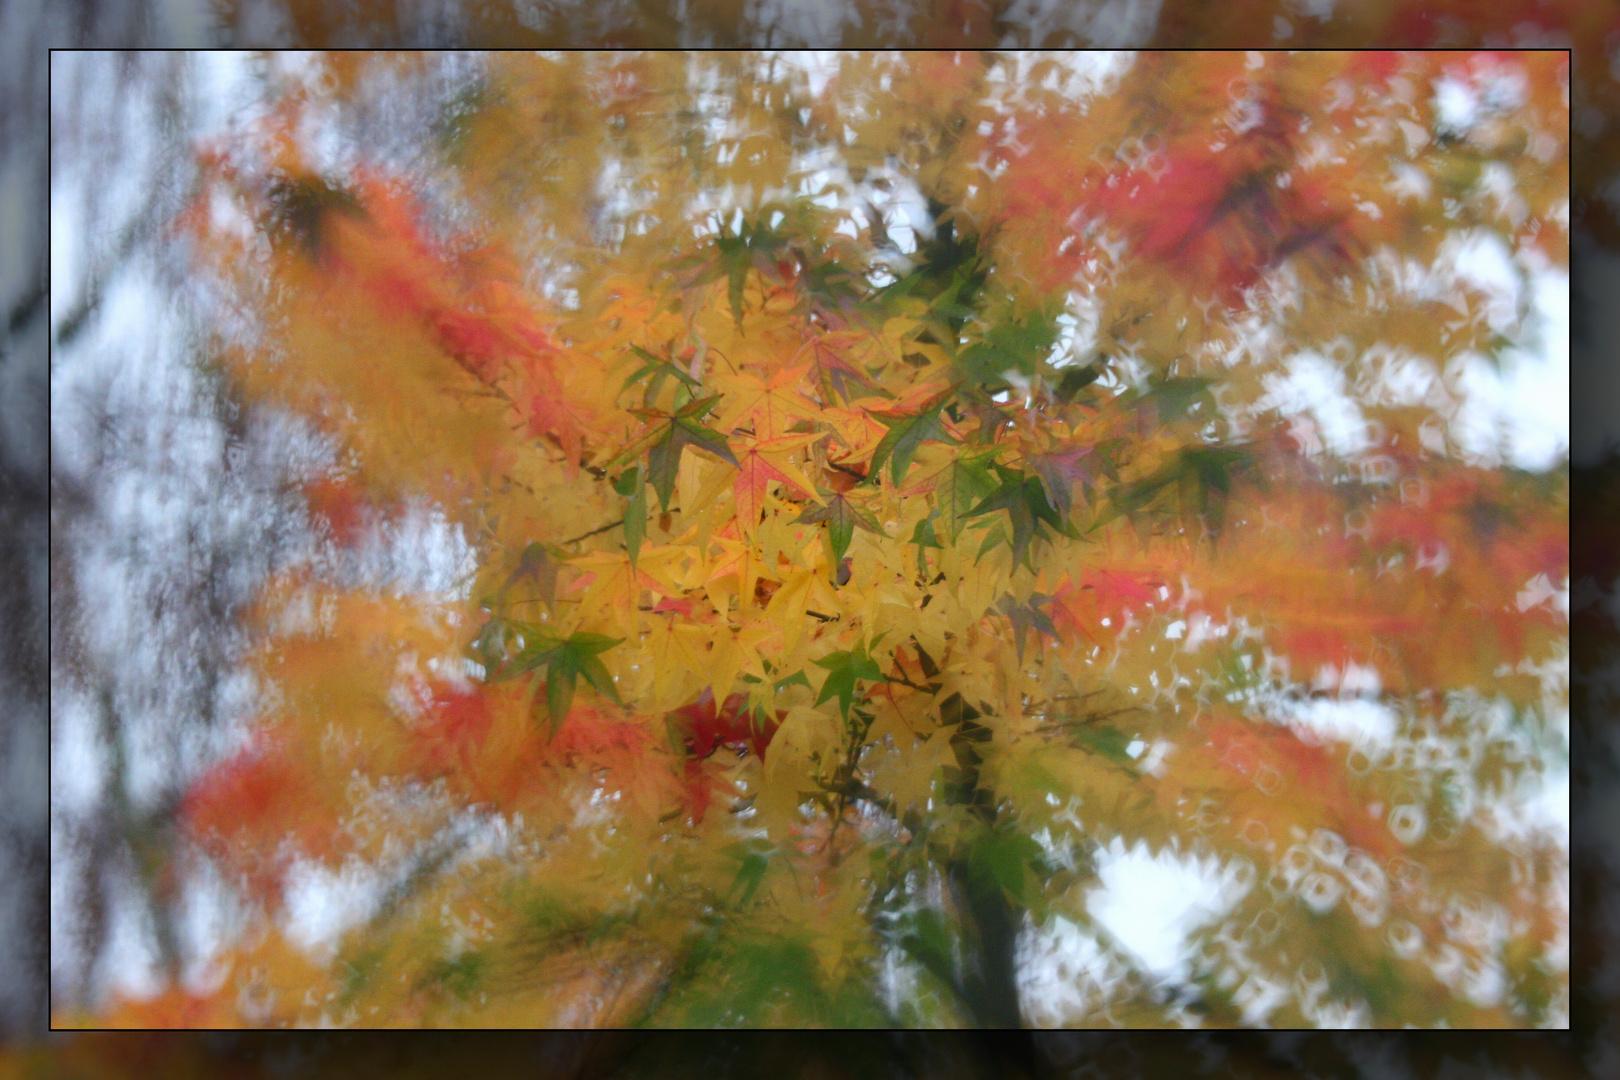 Herbst-Traum 3